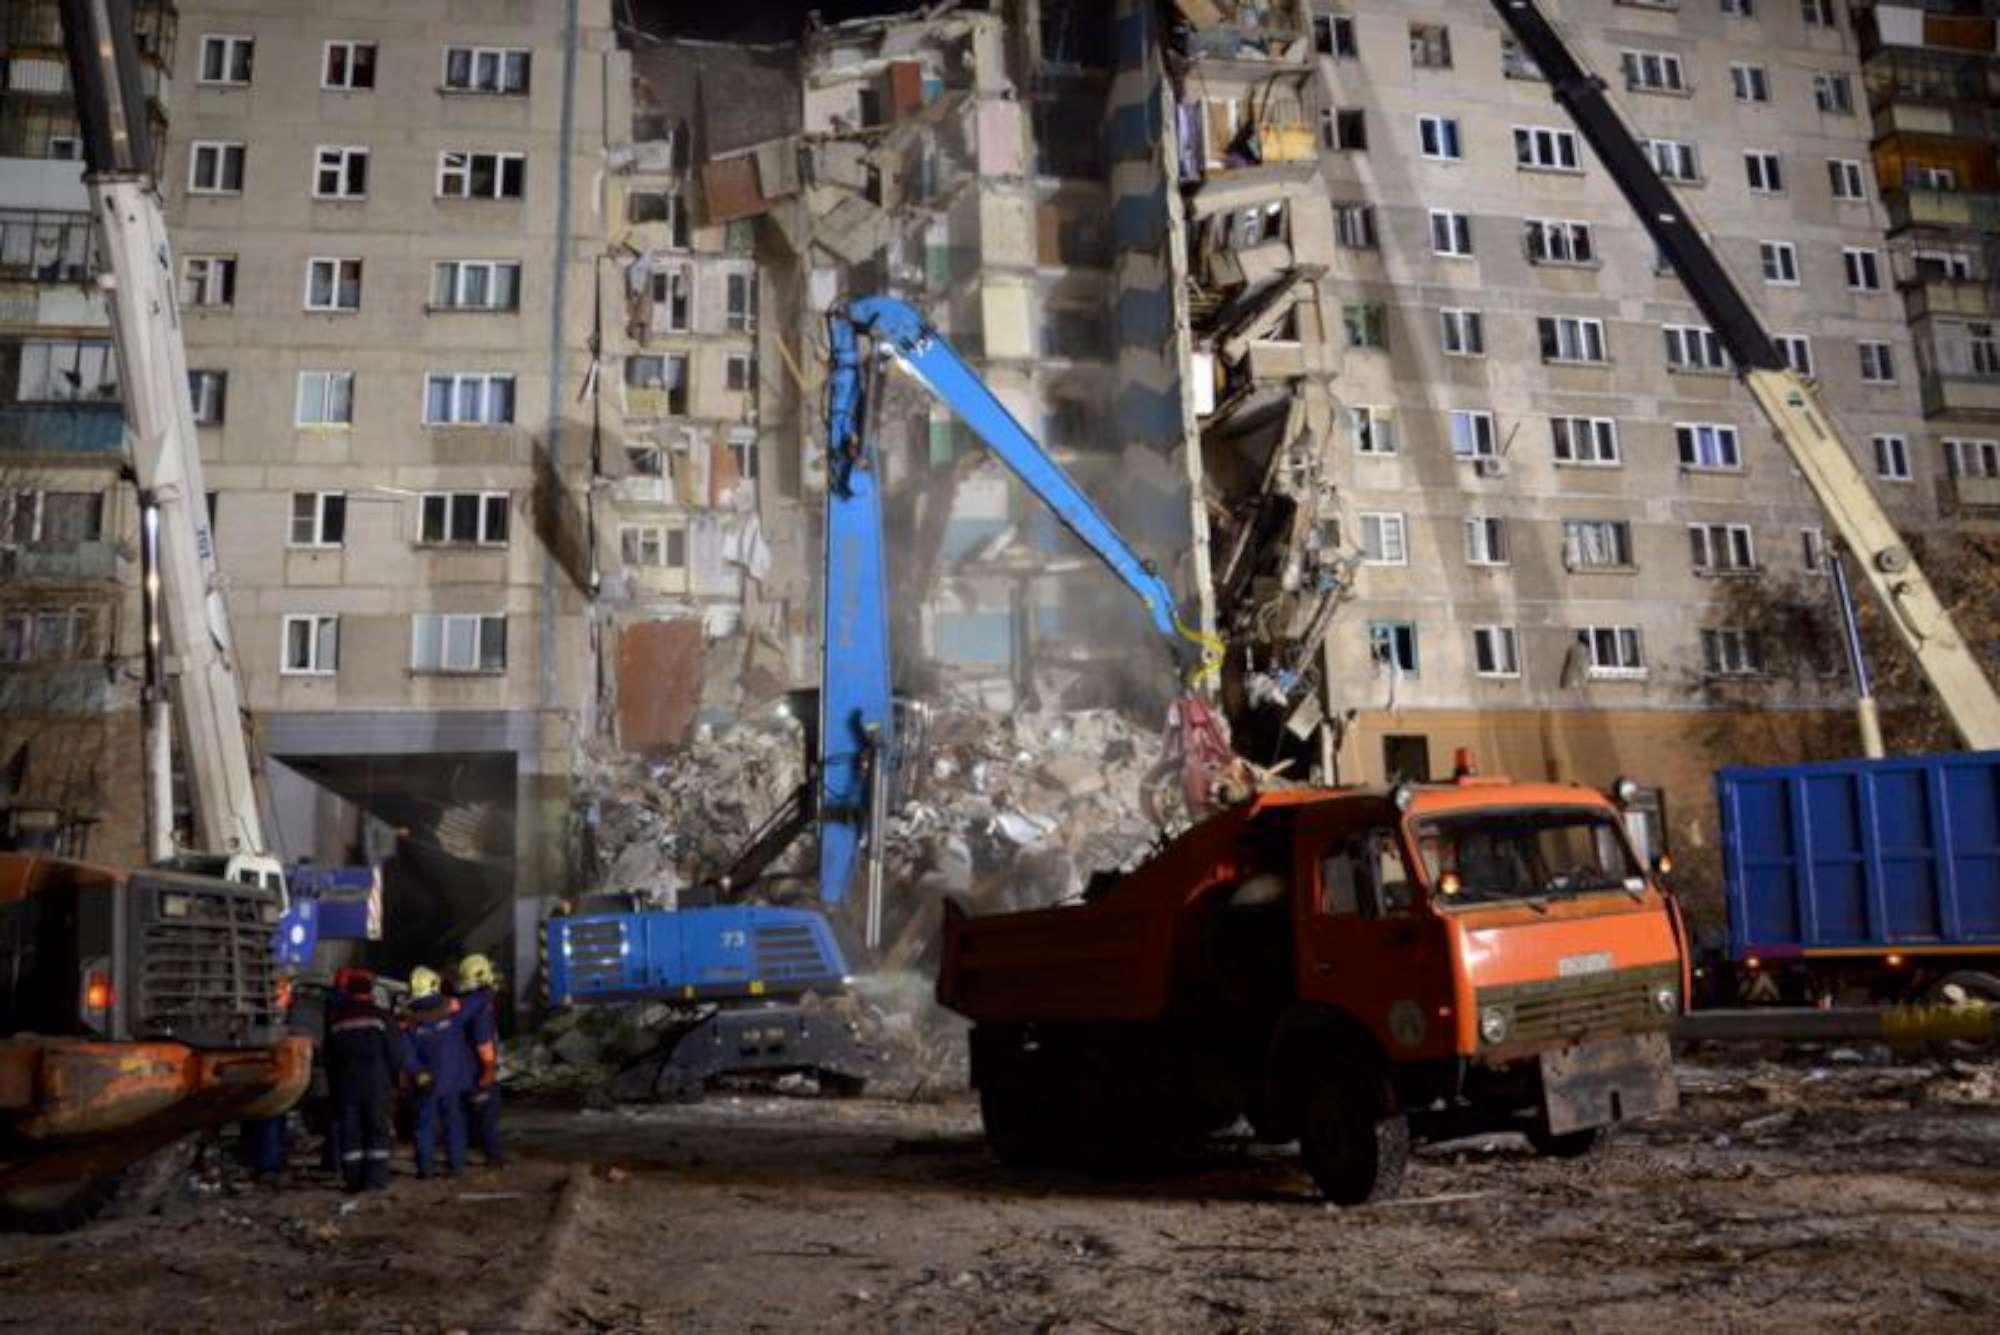 Crolla un palazzo in Russia, 9 morti: un bimbo estratto vivo dalle macerie